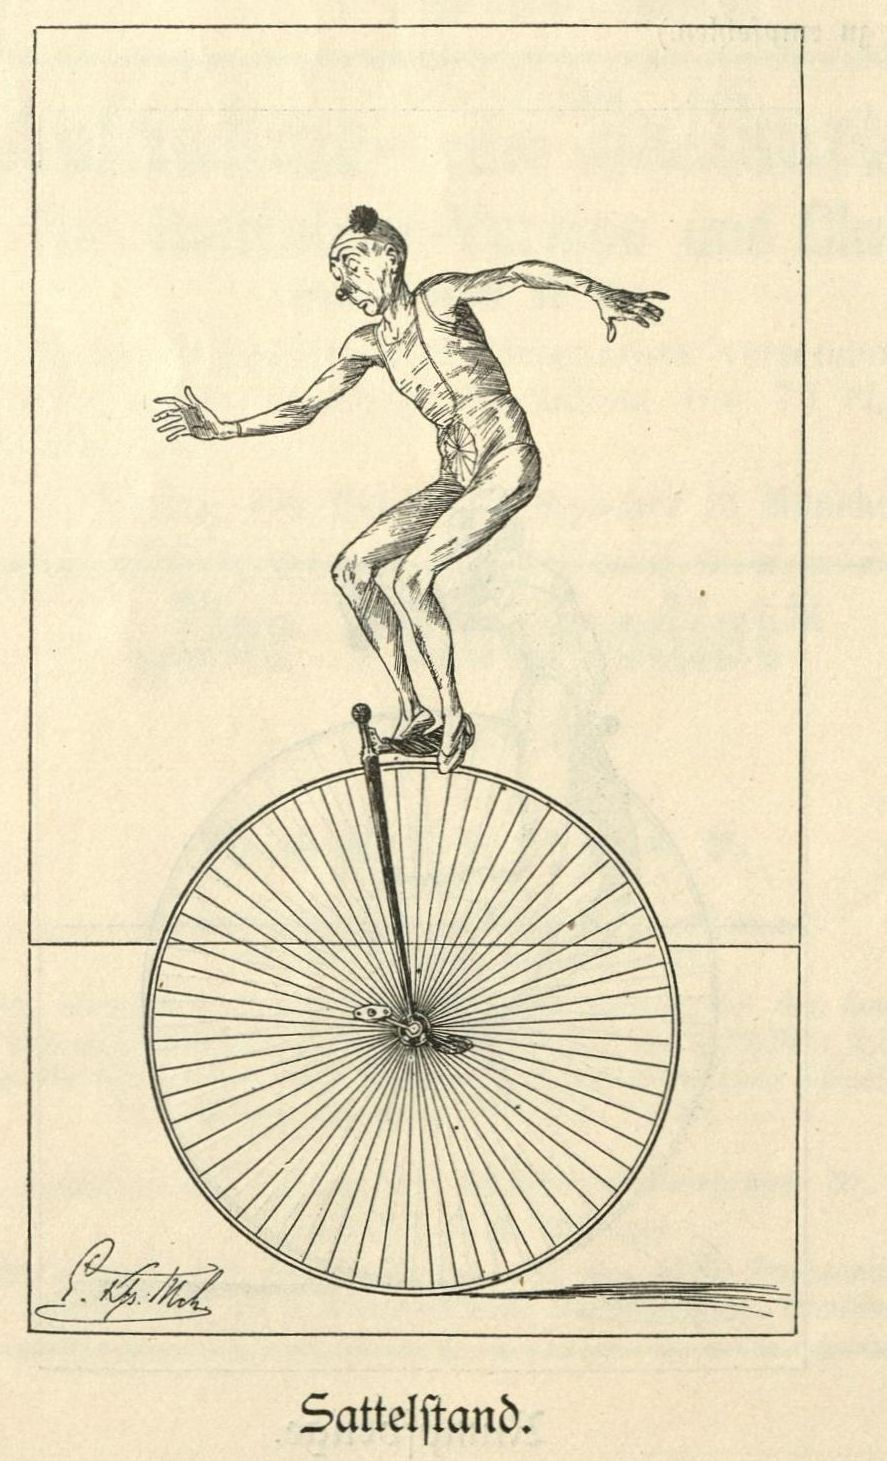 rh_87-88-monocycle05